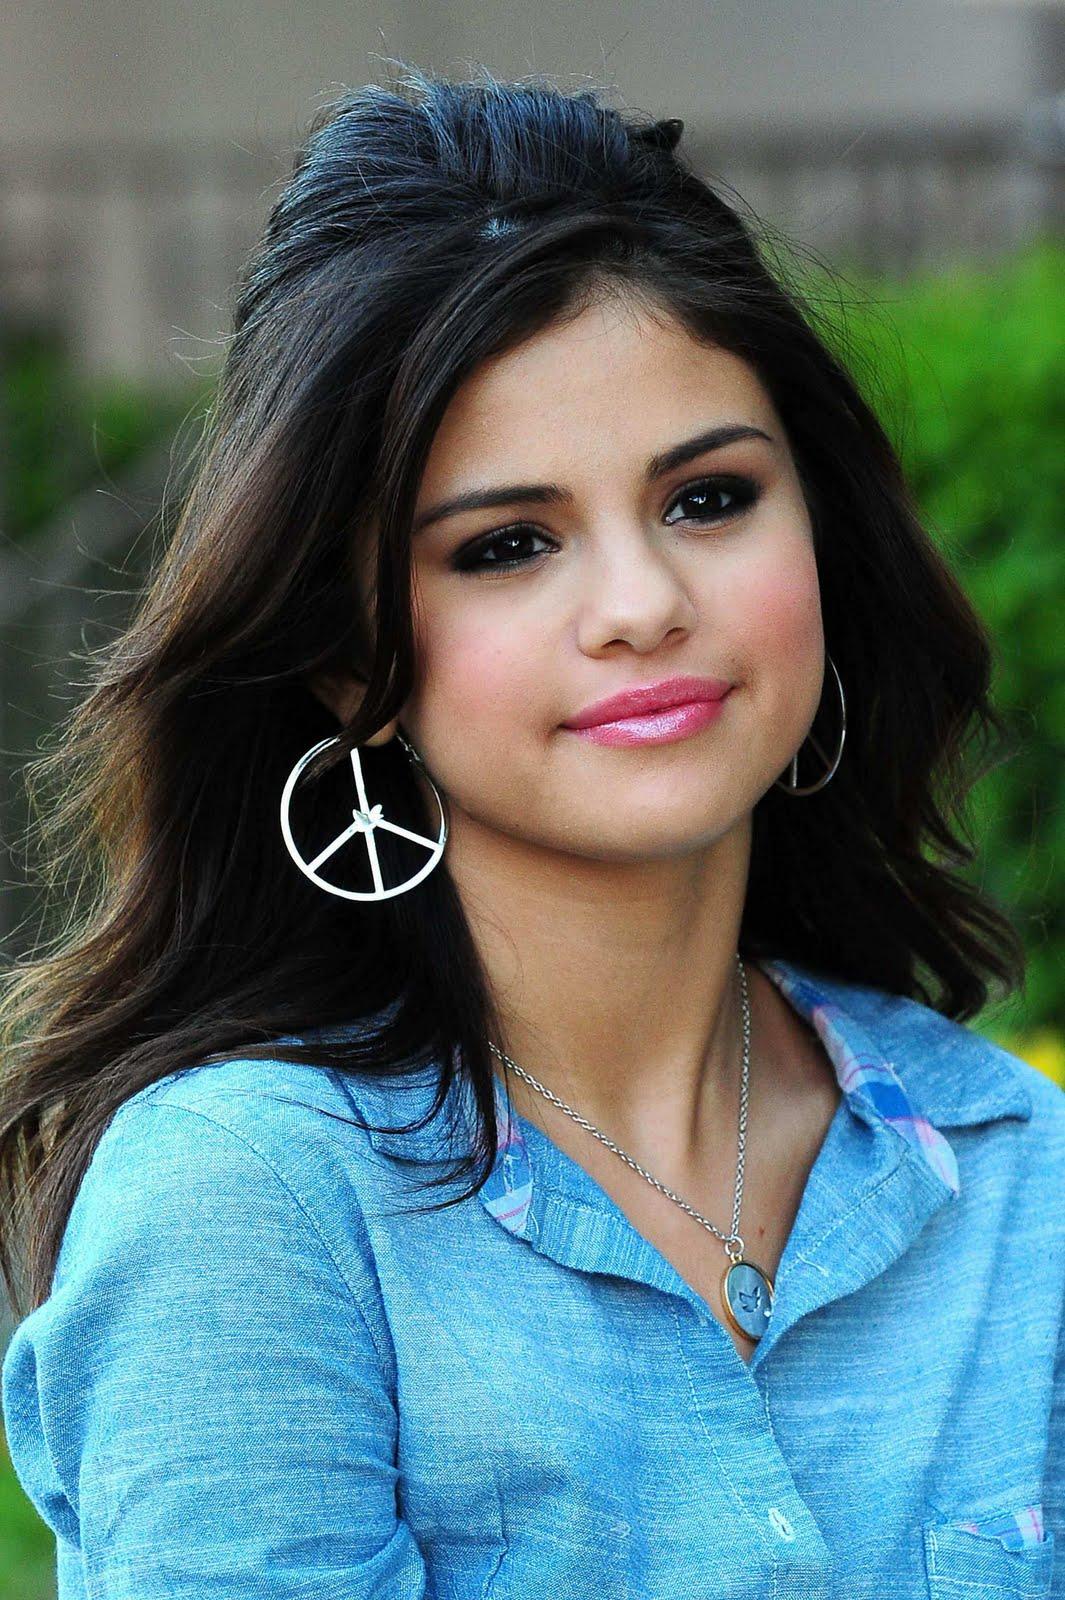 http://1.bp.blogspot.com/-TCHtG1cAgfE/TdHuzjQM4aI/AAAAAAAABQk/rEz9a4KCC8Y/s1600/Selena+Gomez+WalMart+Photoshoot+%25284%2529.jpg